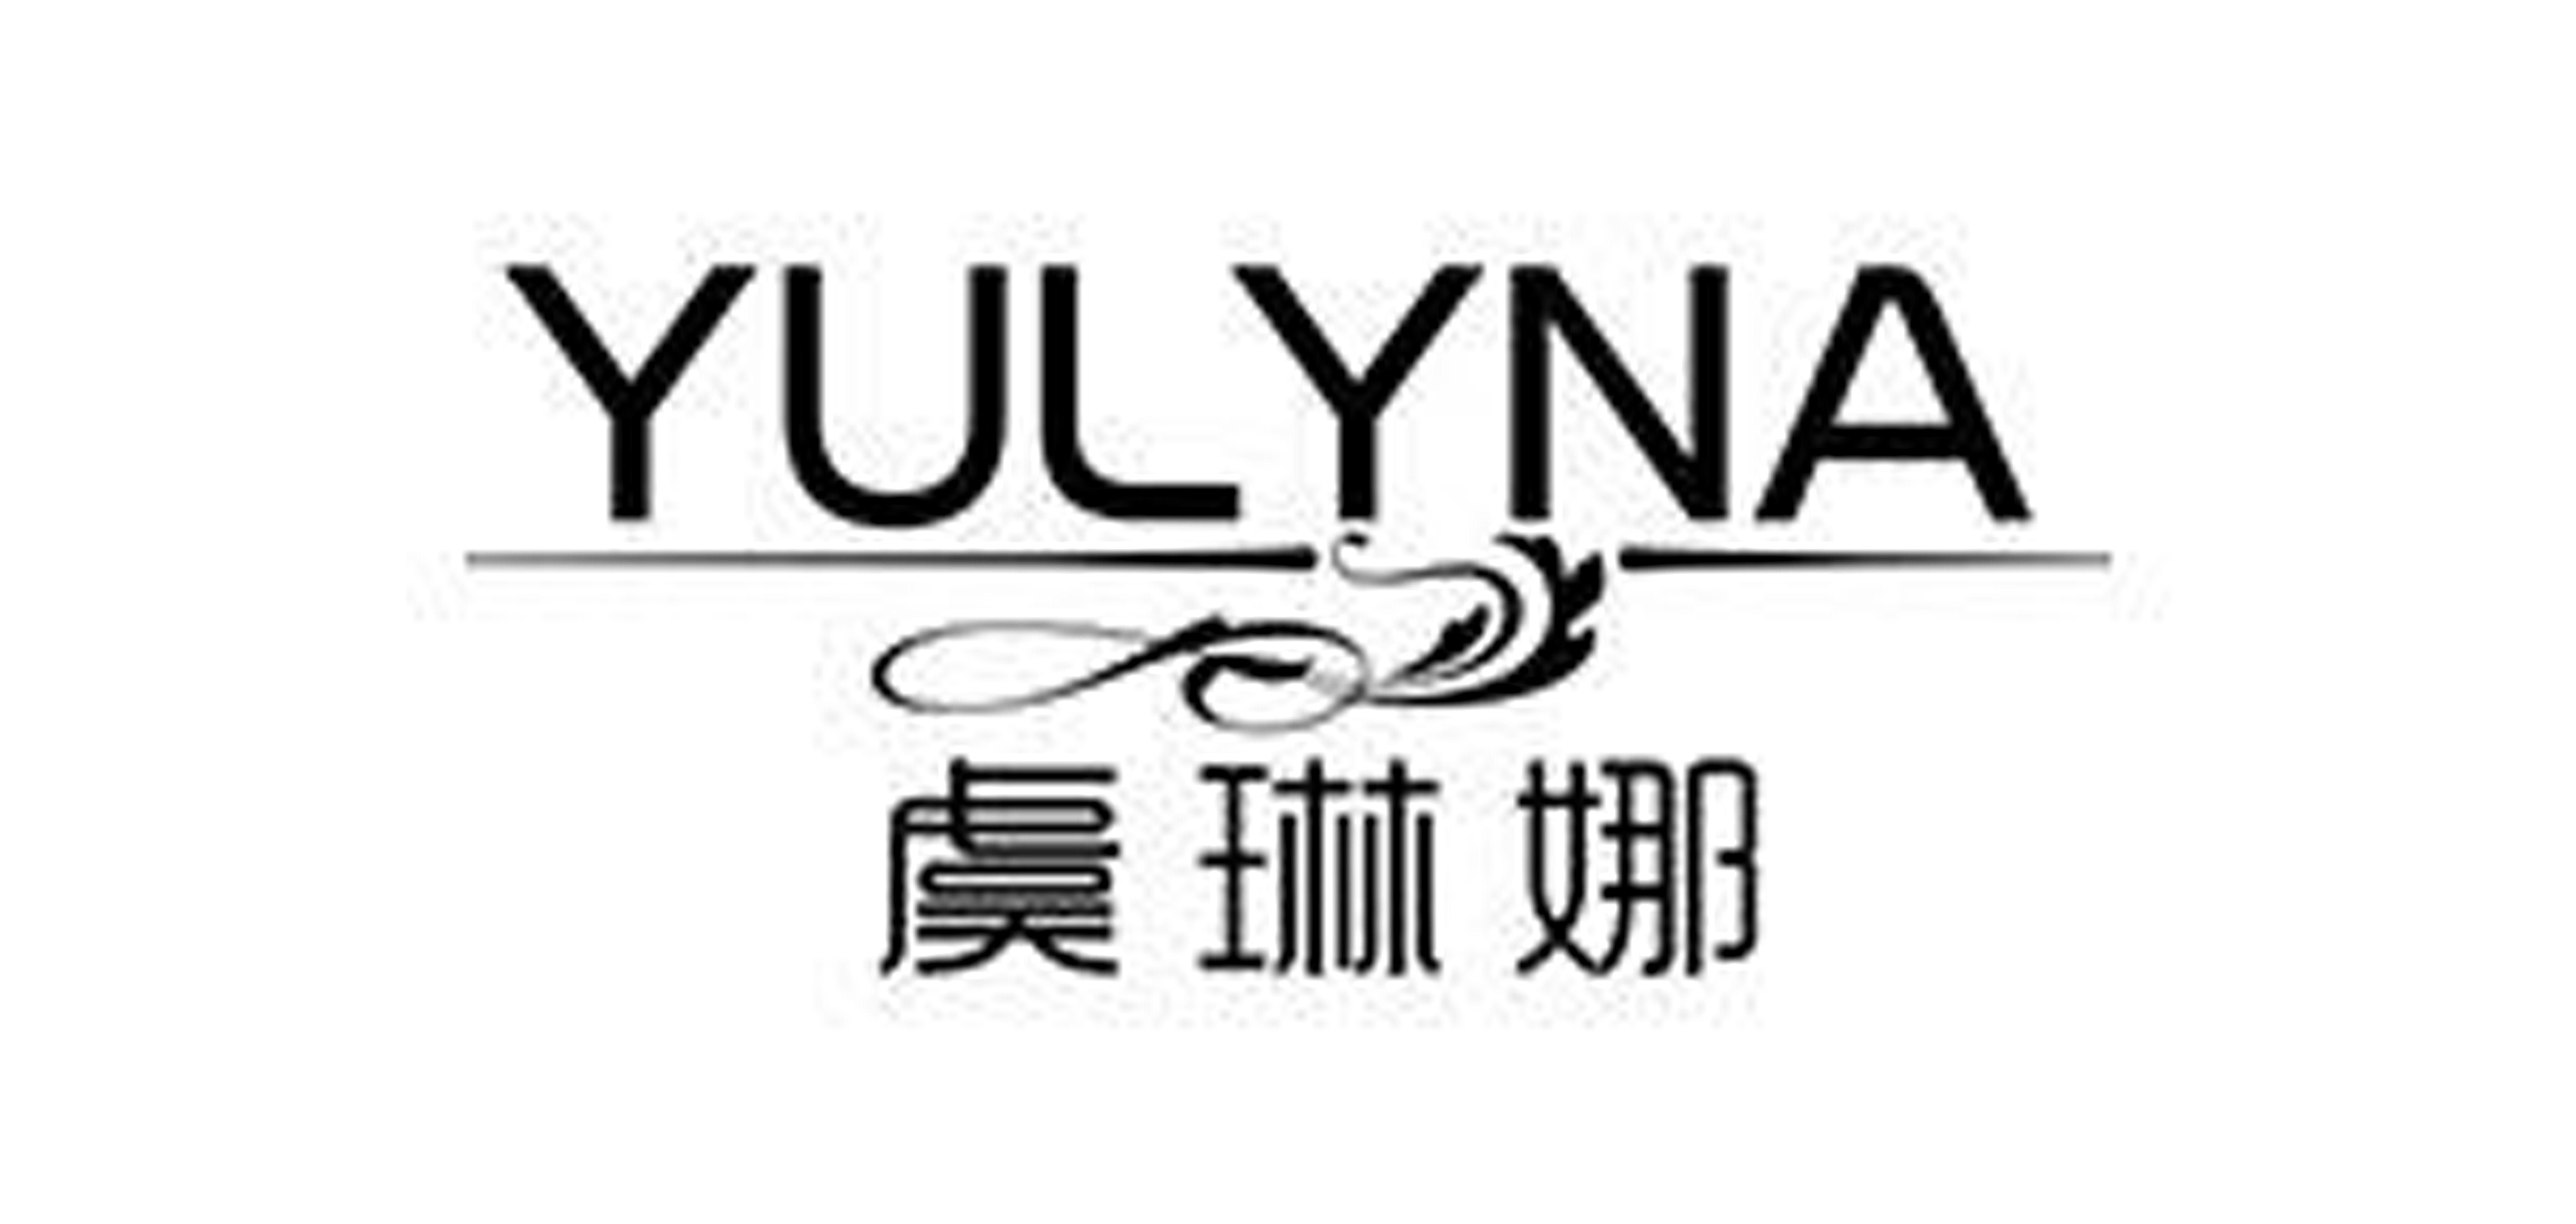 YULYNA是什么牌子_虞琳娜品牌怎么样?